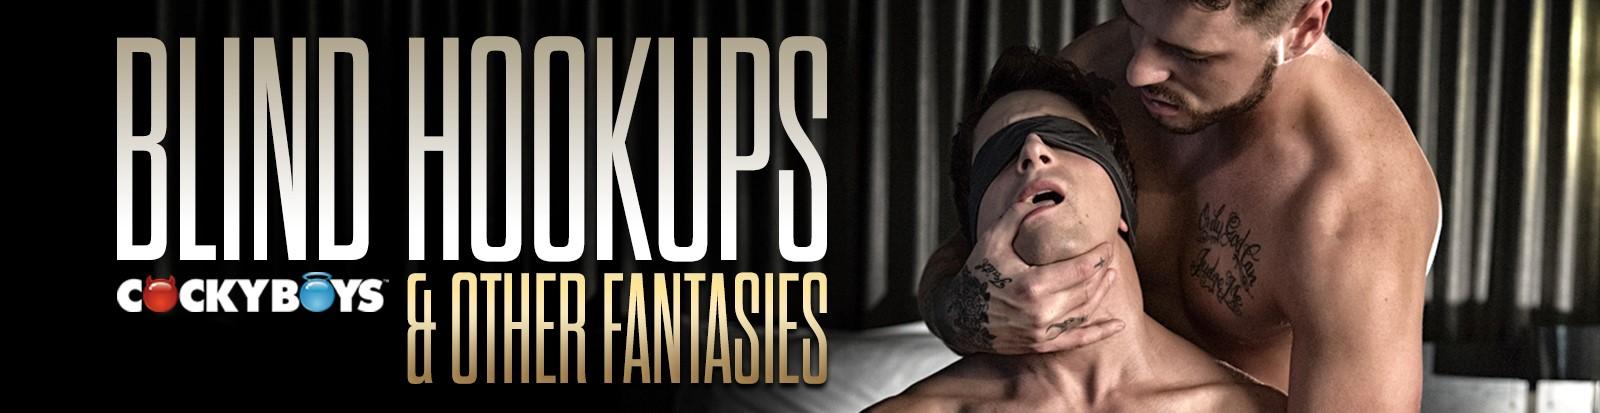 Blind Hookups & Other Fantasies carousel Banner